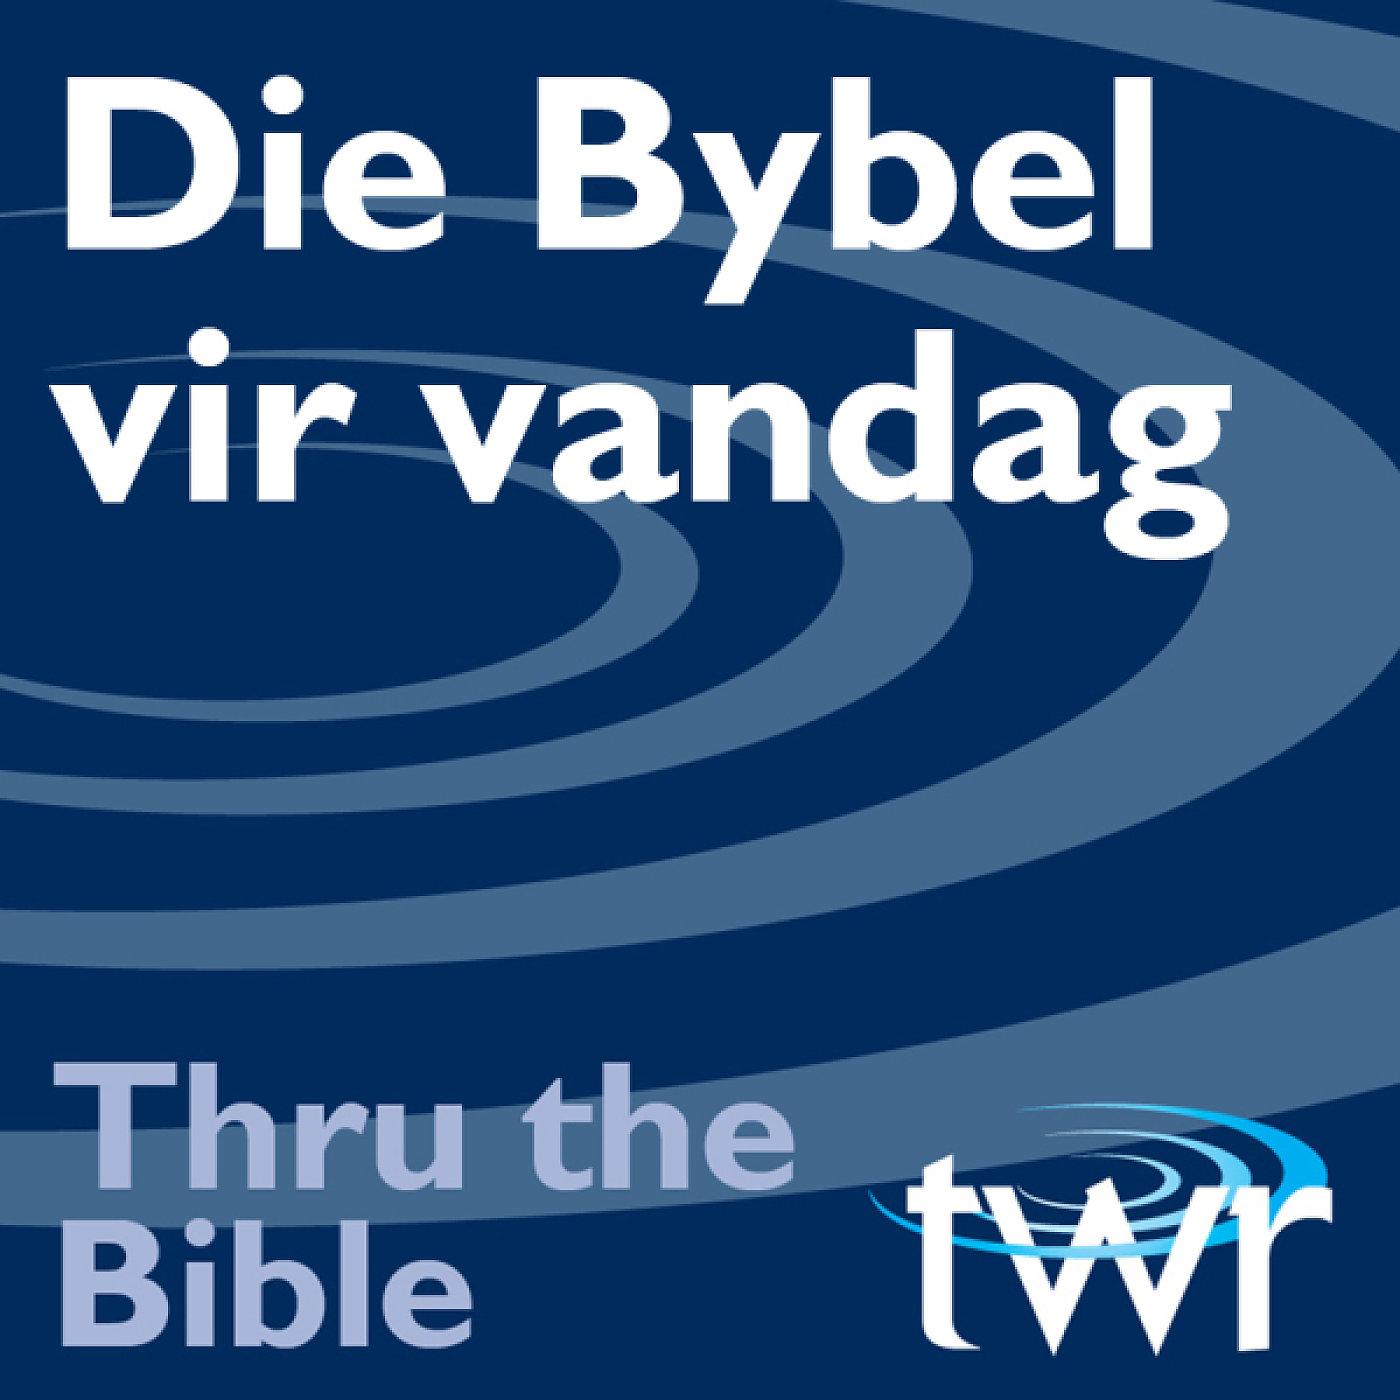 Die Bybel vir vandag @ ttb.twr.org/afrikaans